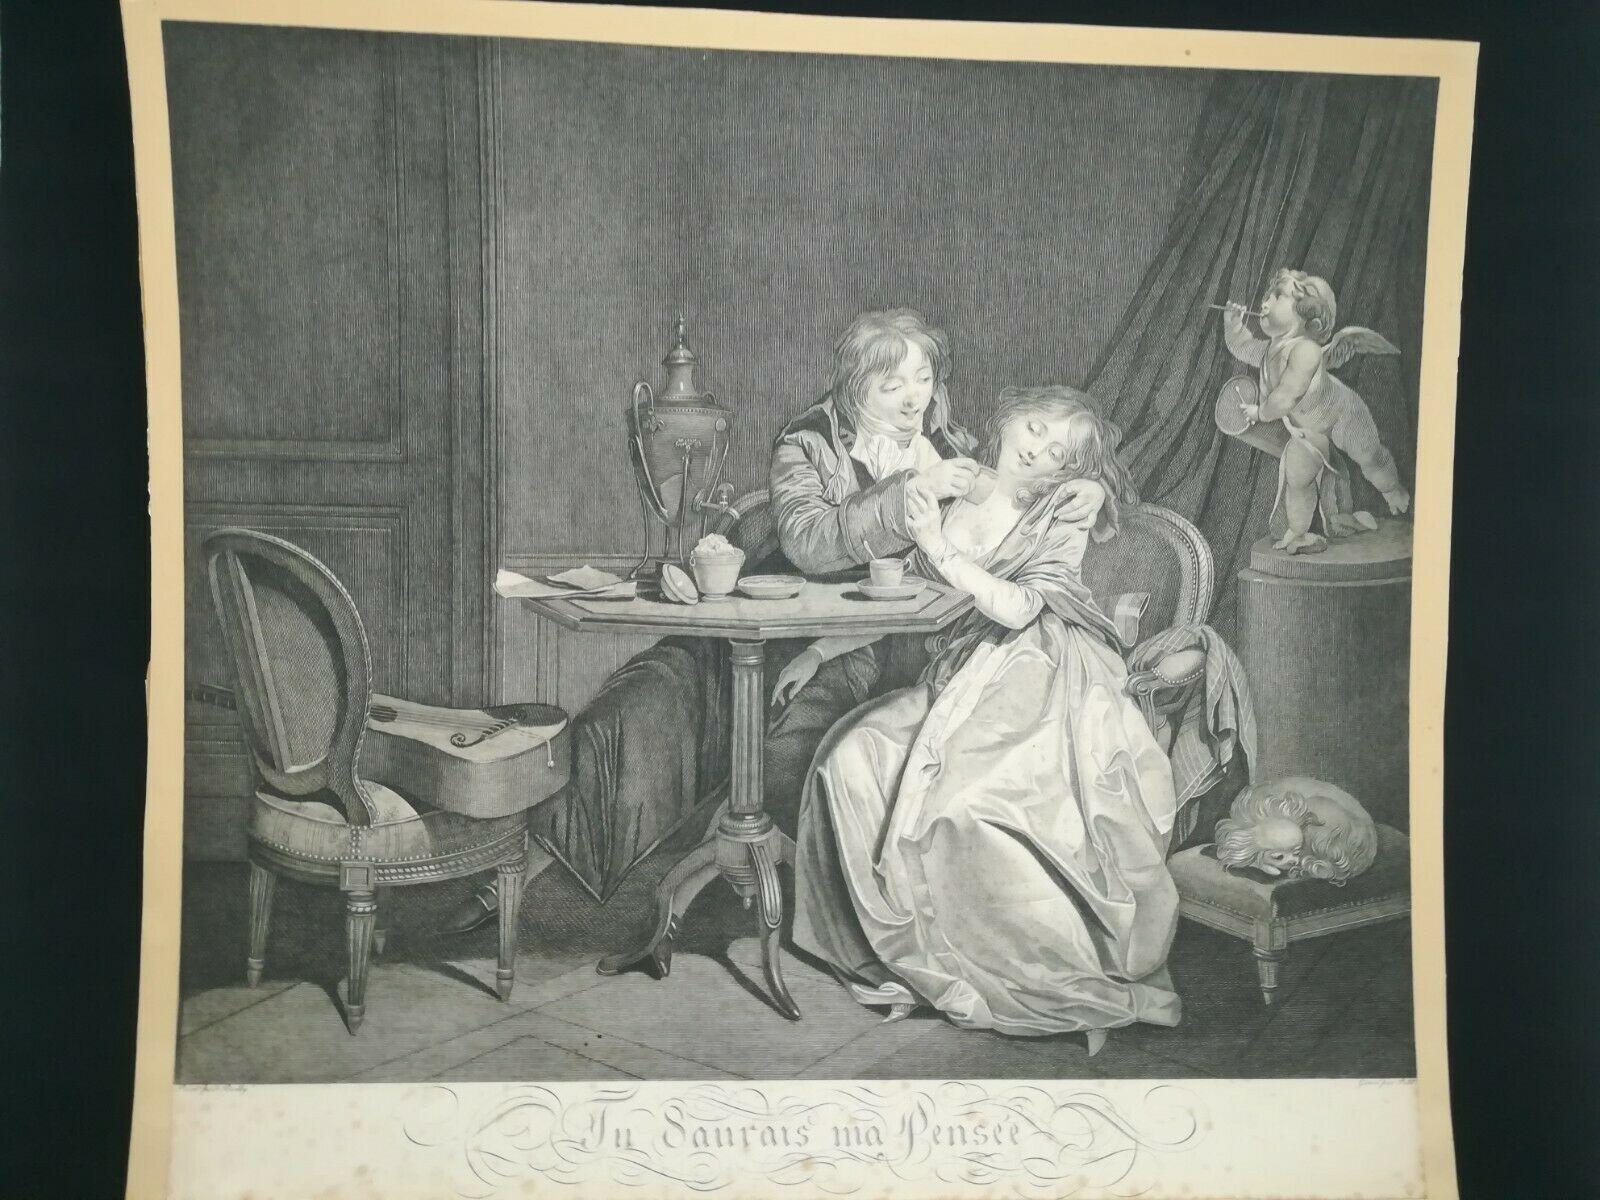 Boilly 1794 ca Tu saurais ma pensee